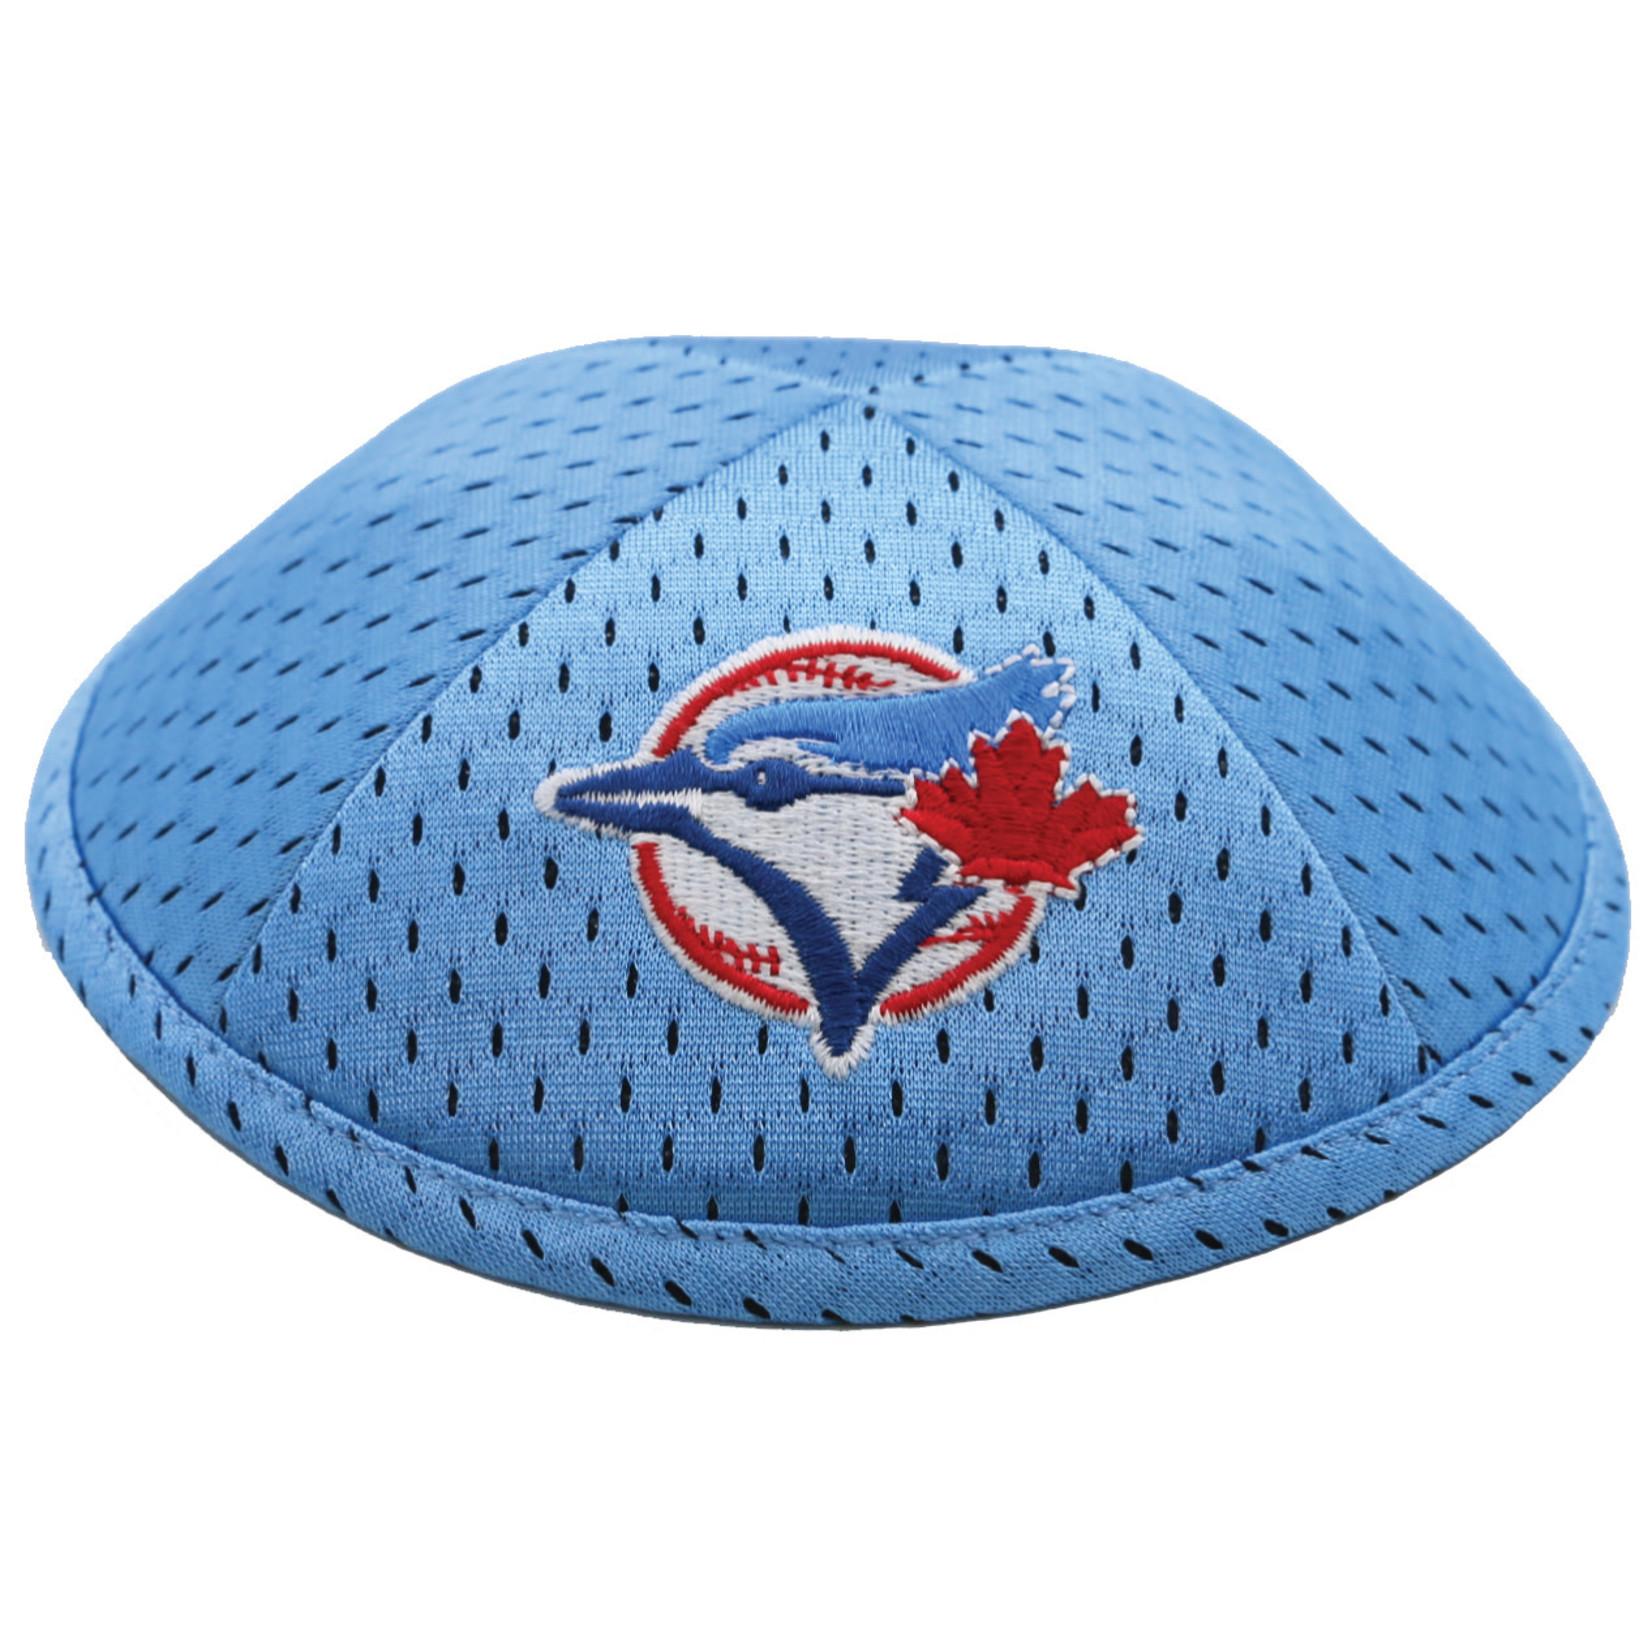 Sport Mesh Kippah, Toronto Blue Jays